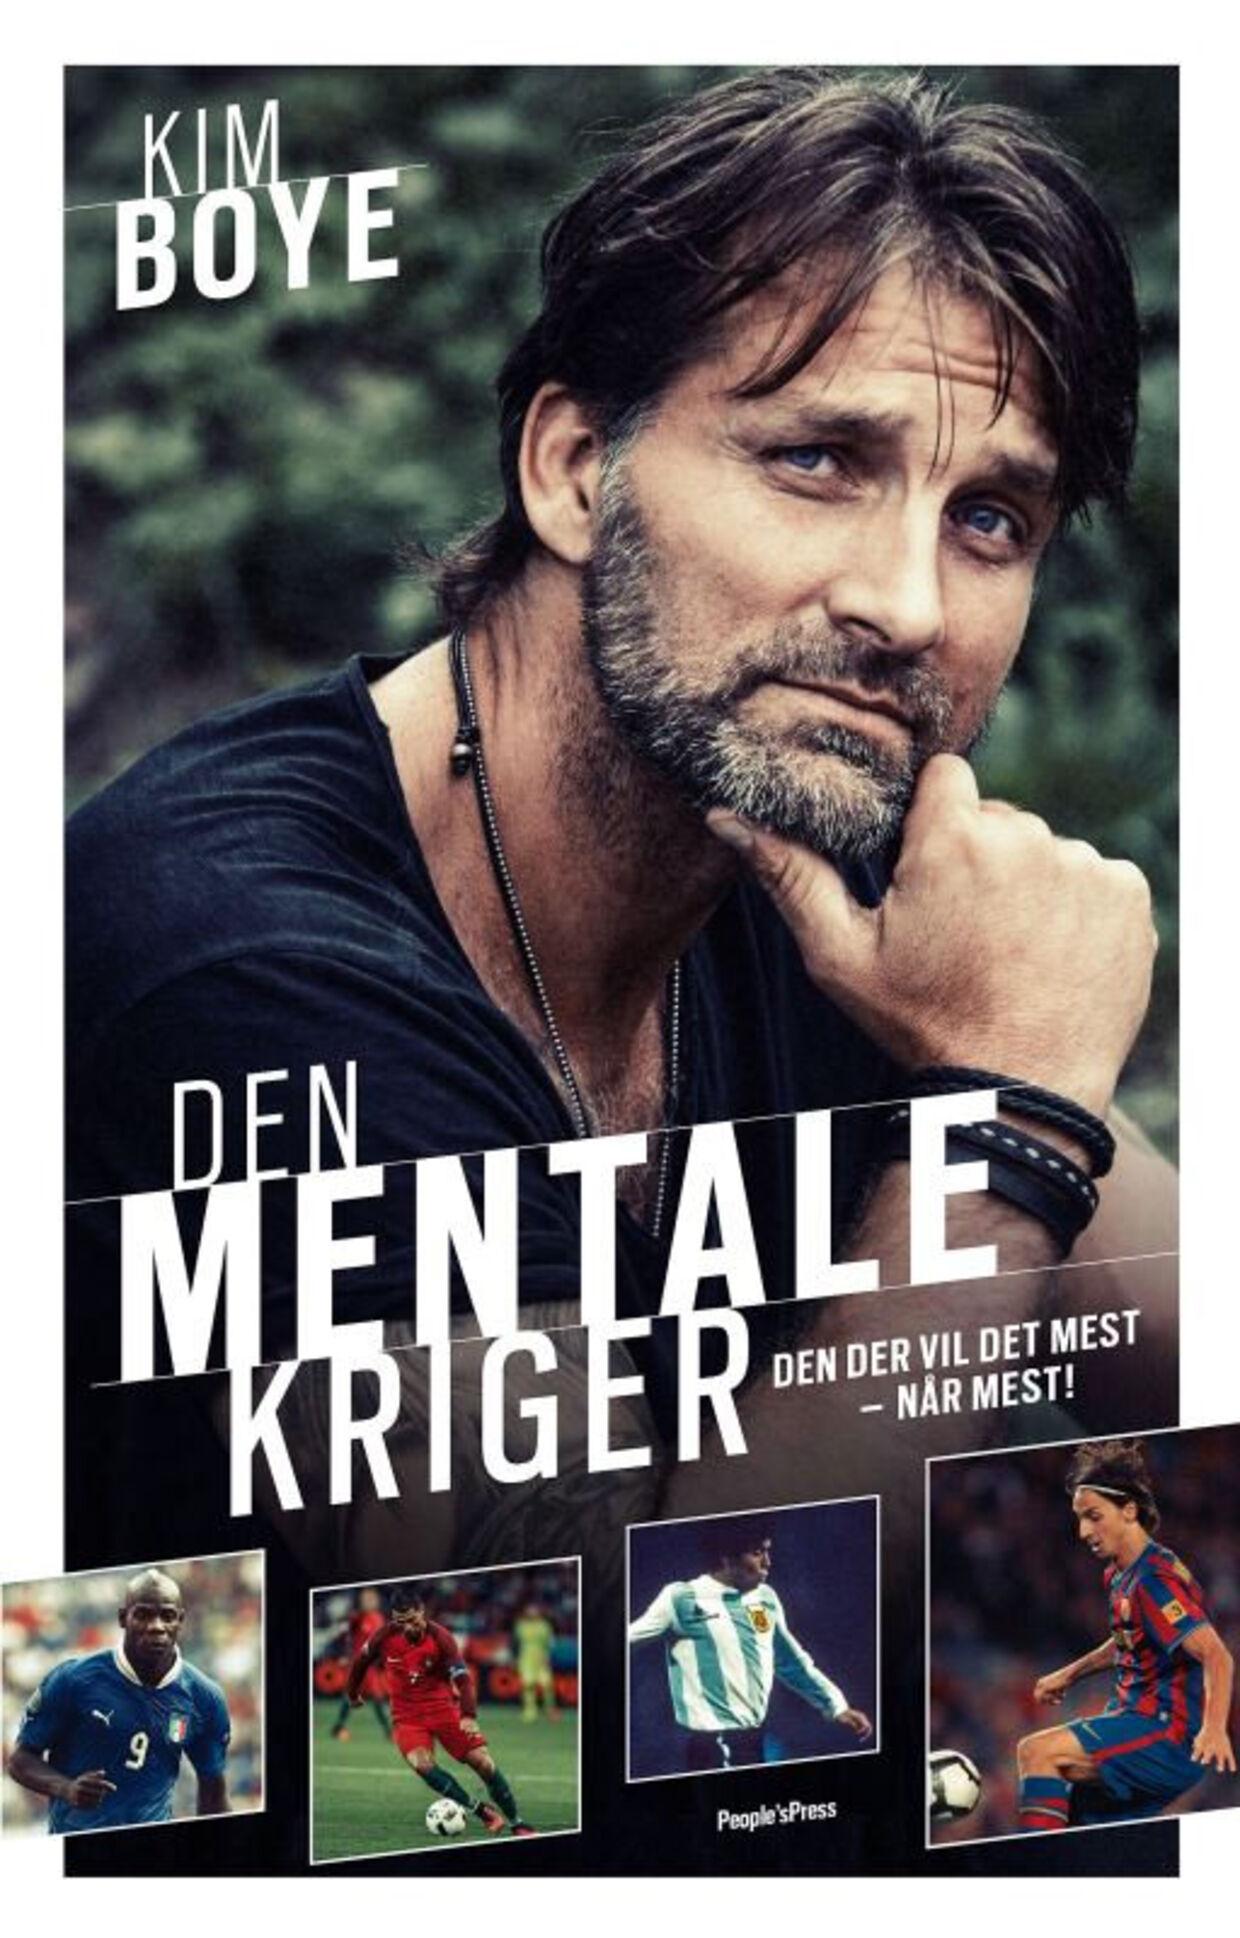 Bogen 'Den mentale kriger', som Kim Boye udgav sidste år. PR